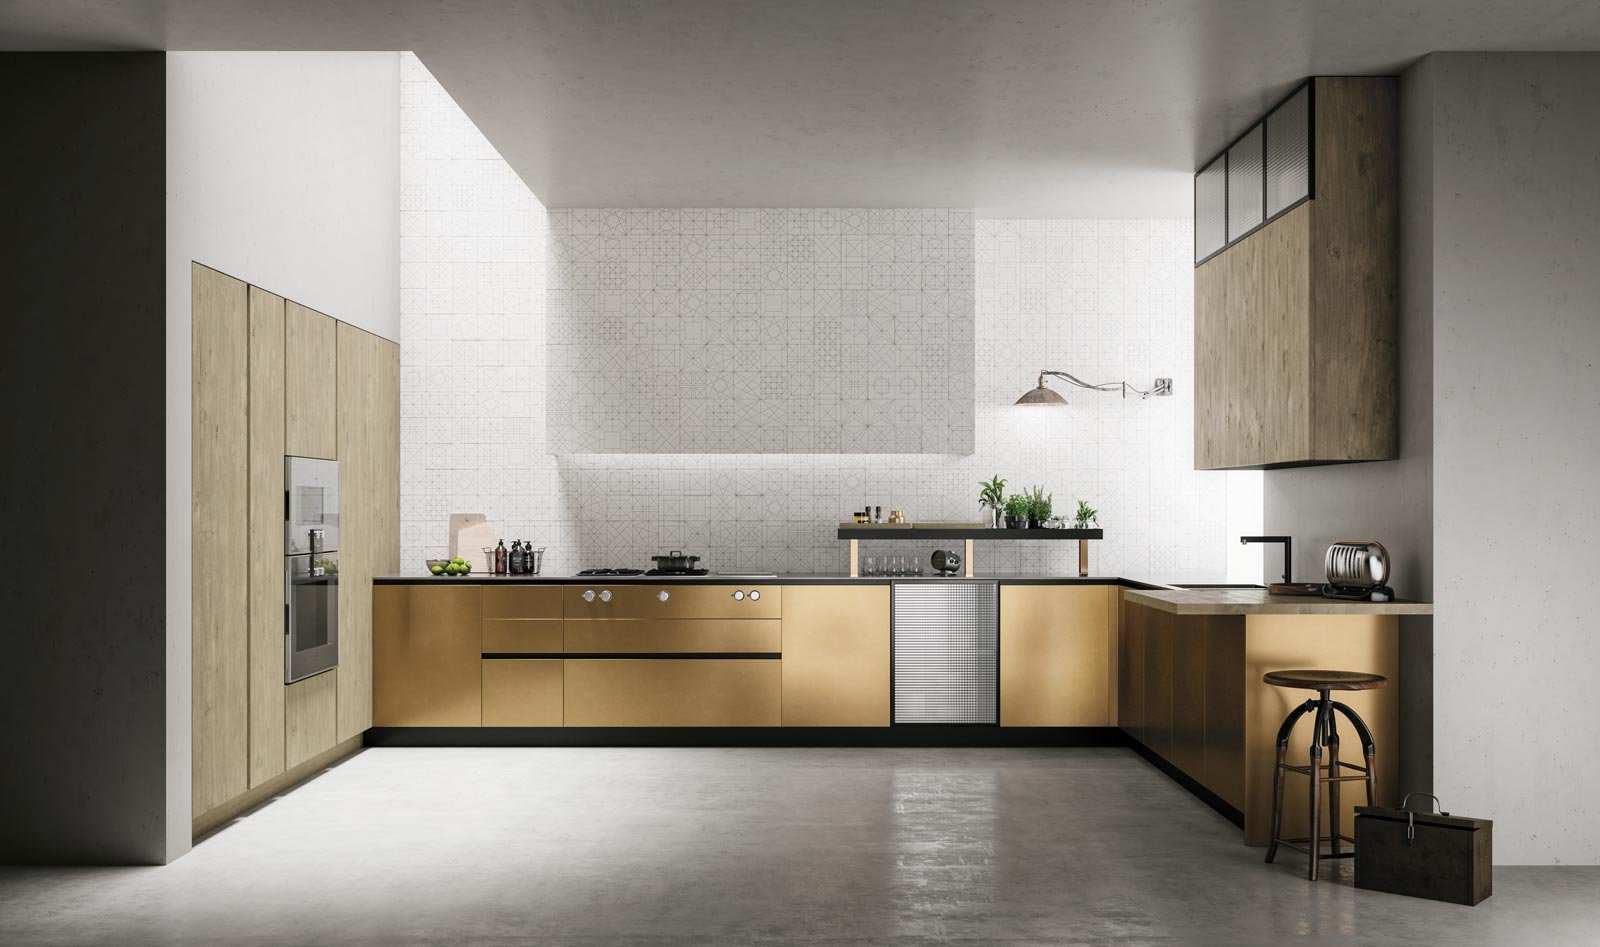 Cucina senza maniglie si apre con le gole cose di casa - Cucine in ferro ...